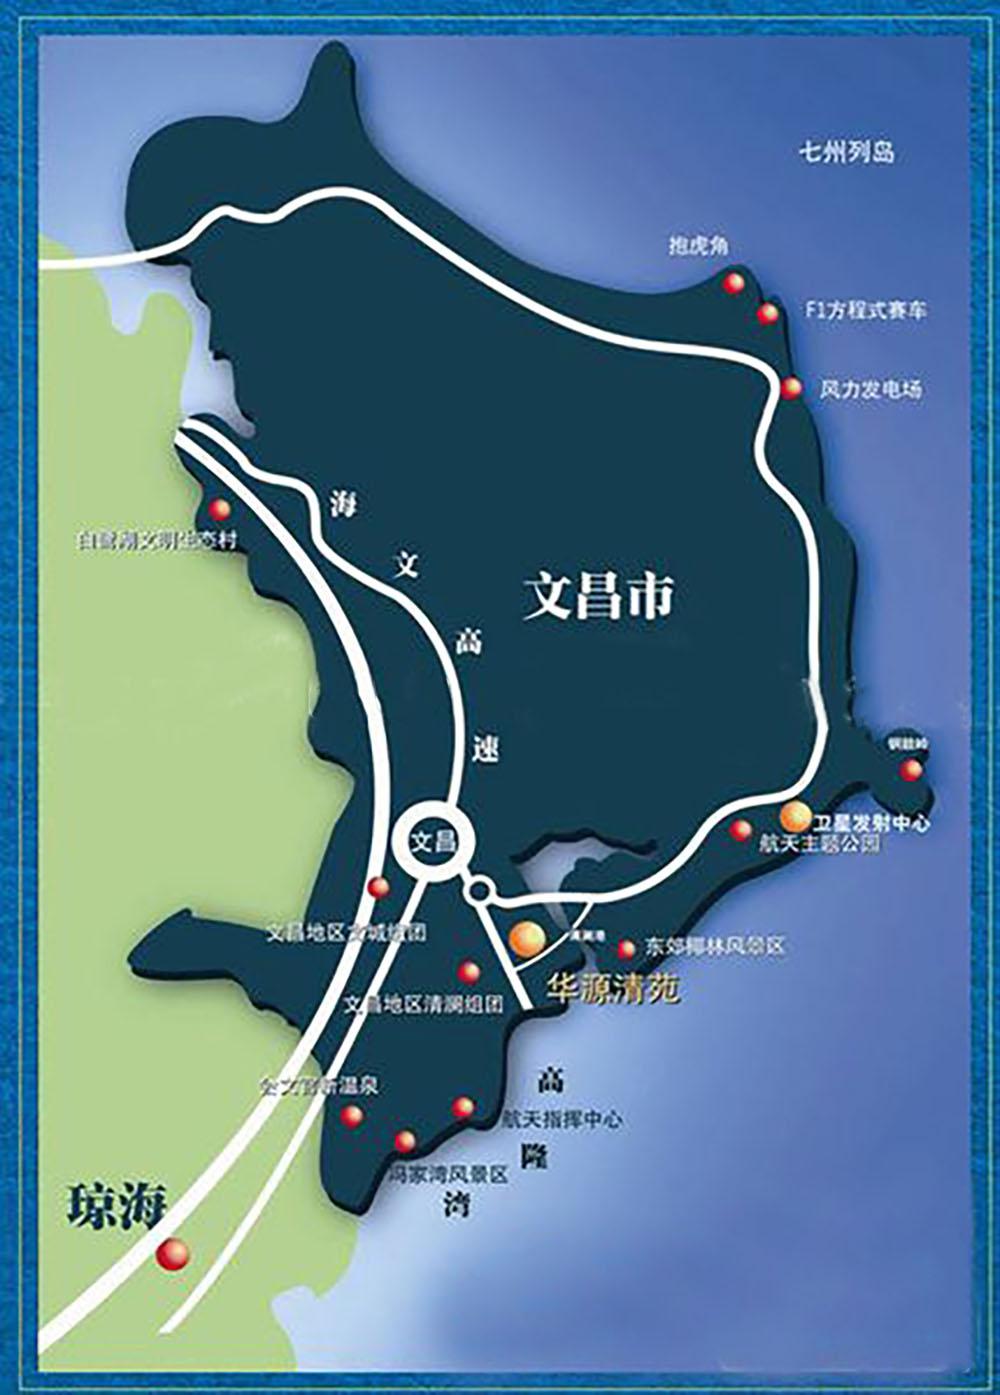 http://yuefangwangimg.oss-cn-hangzhou.aliyuncs.com/uploads/20210305/a1d4fd2f1ca1db24231c9f8f9b7caf67Max.jpg